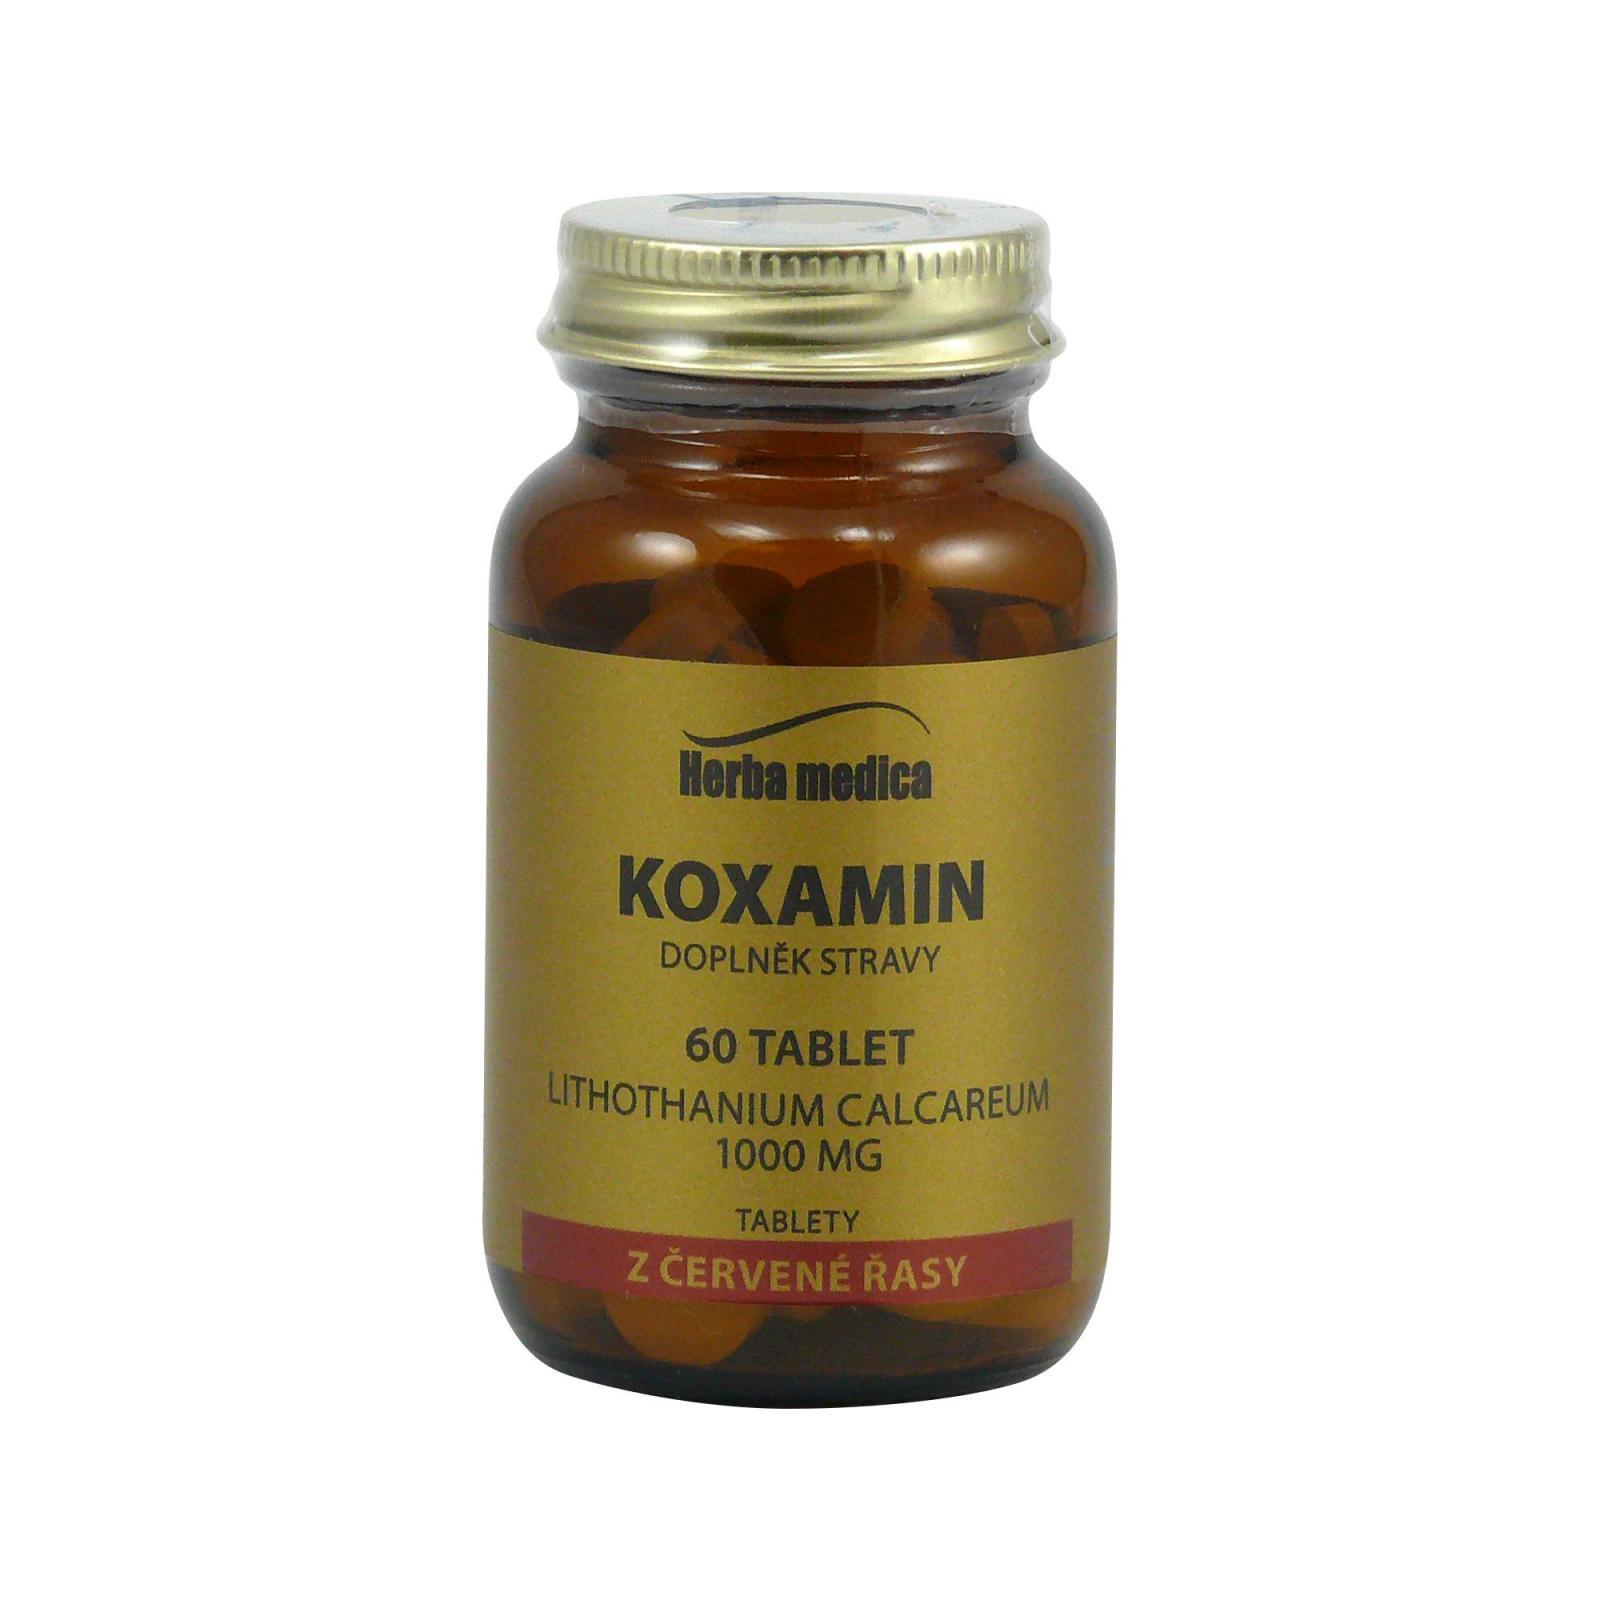 Herba Medica Koxamin 60 tablet, 62,22 g